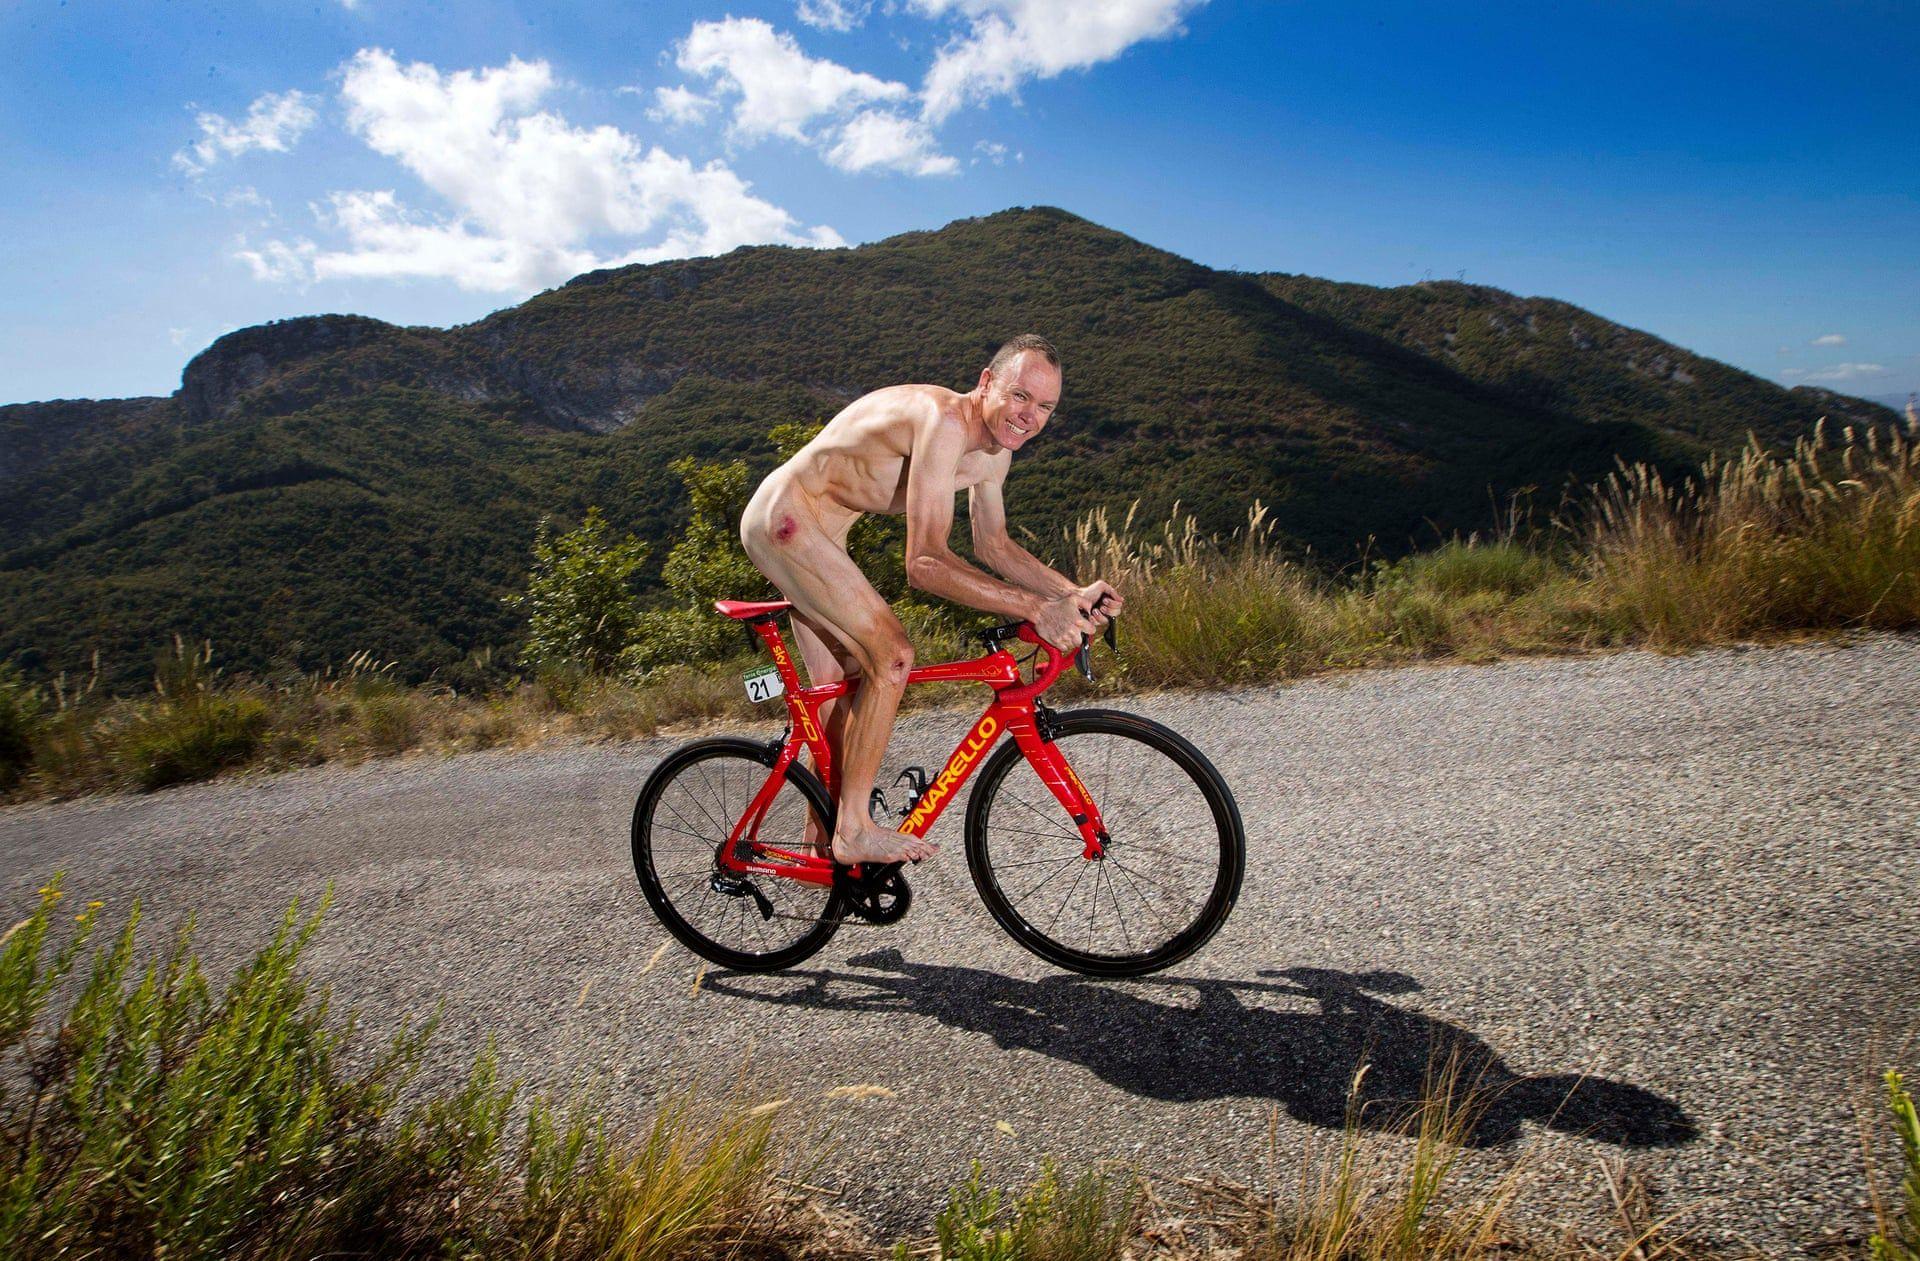 Chris Froome teker a Col De La Madone-n Franciarországban a Sporting Body című magazinnak készülő fotókhoz. Fotó: Marc Aspland / The Times /  thebppa